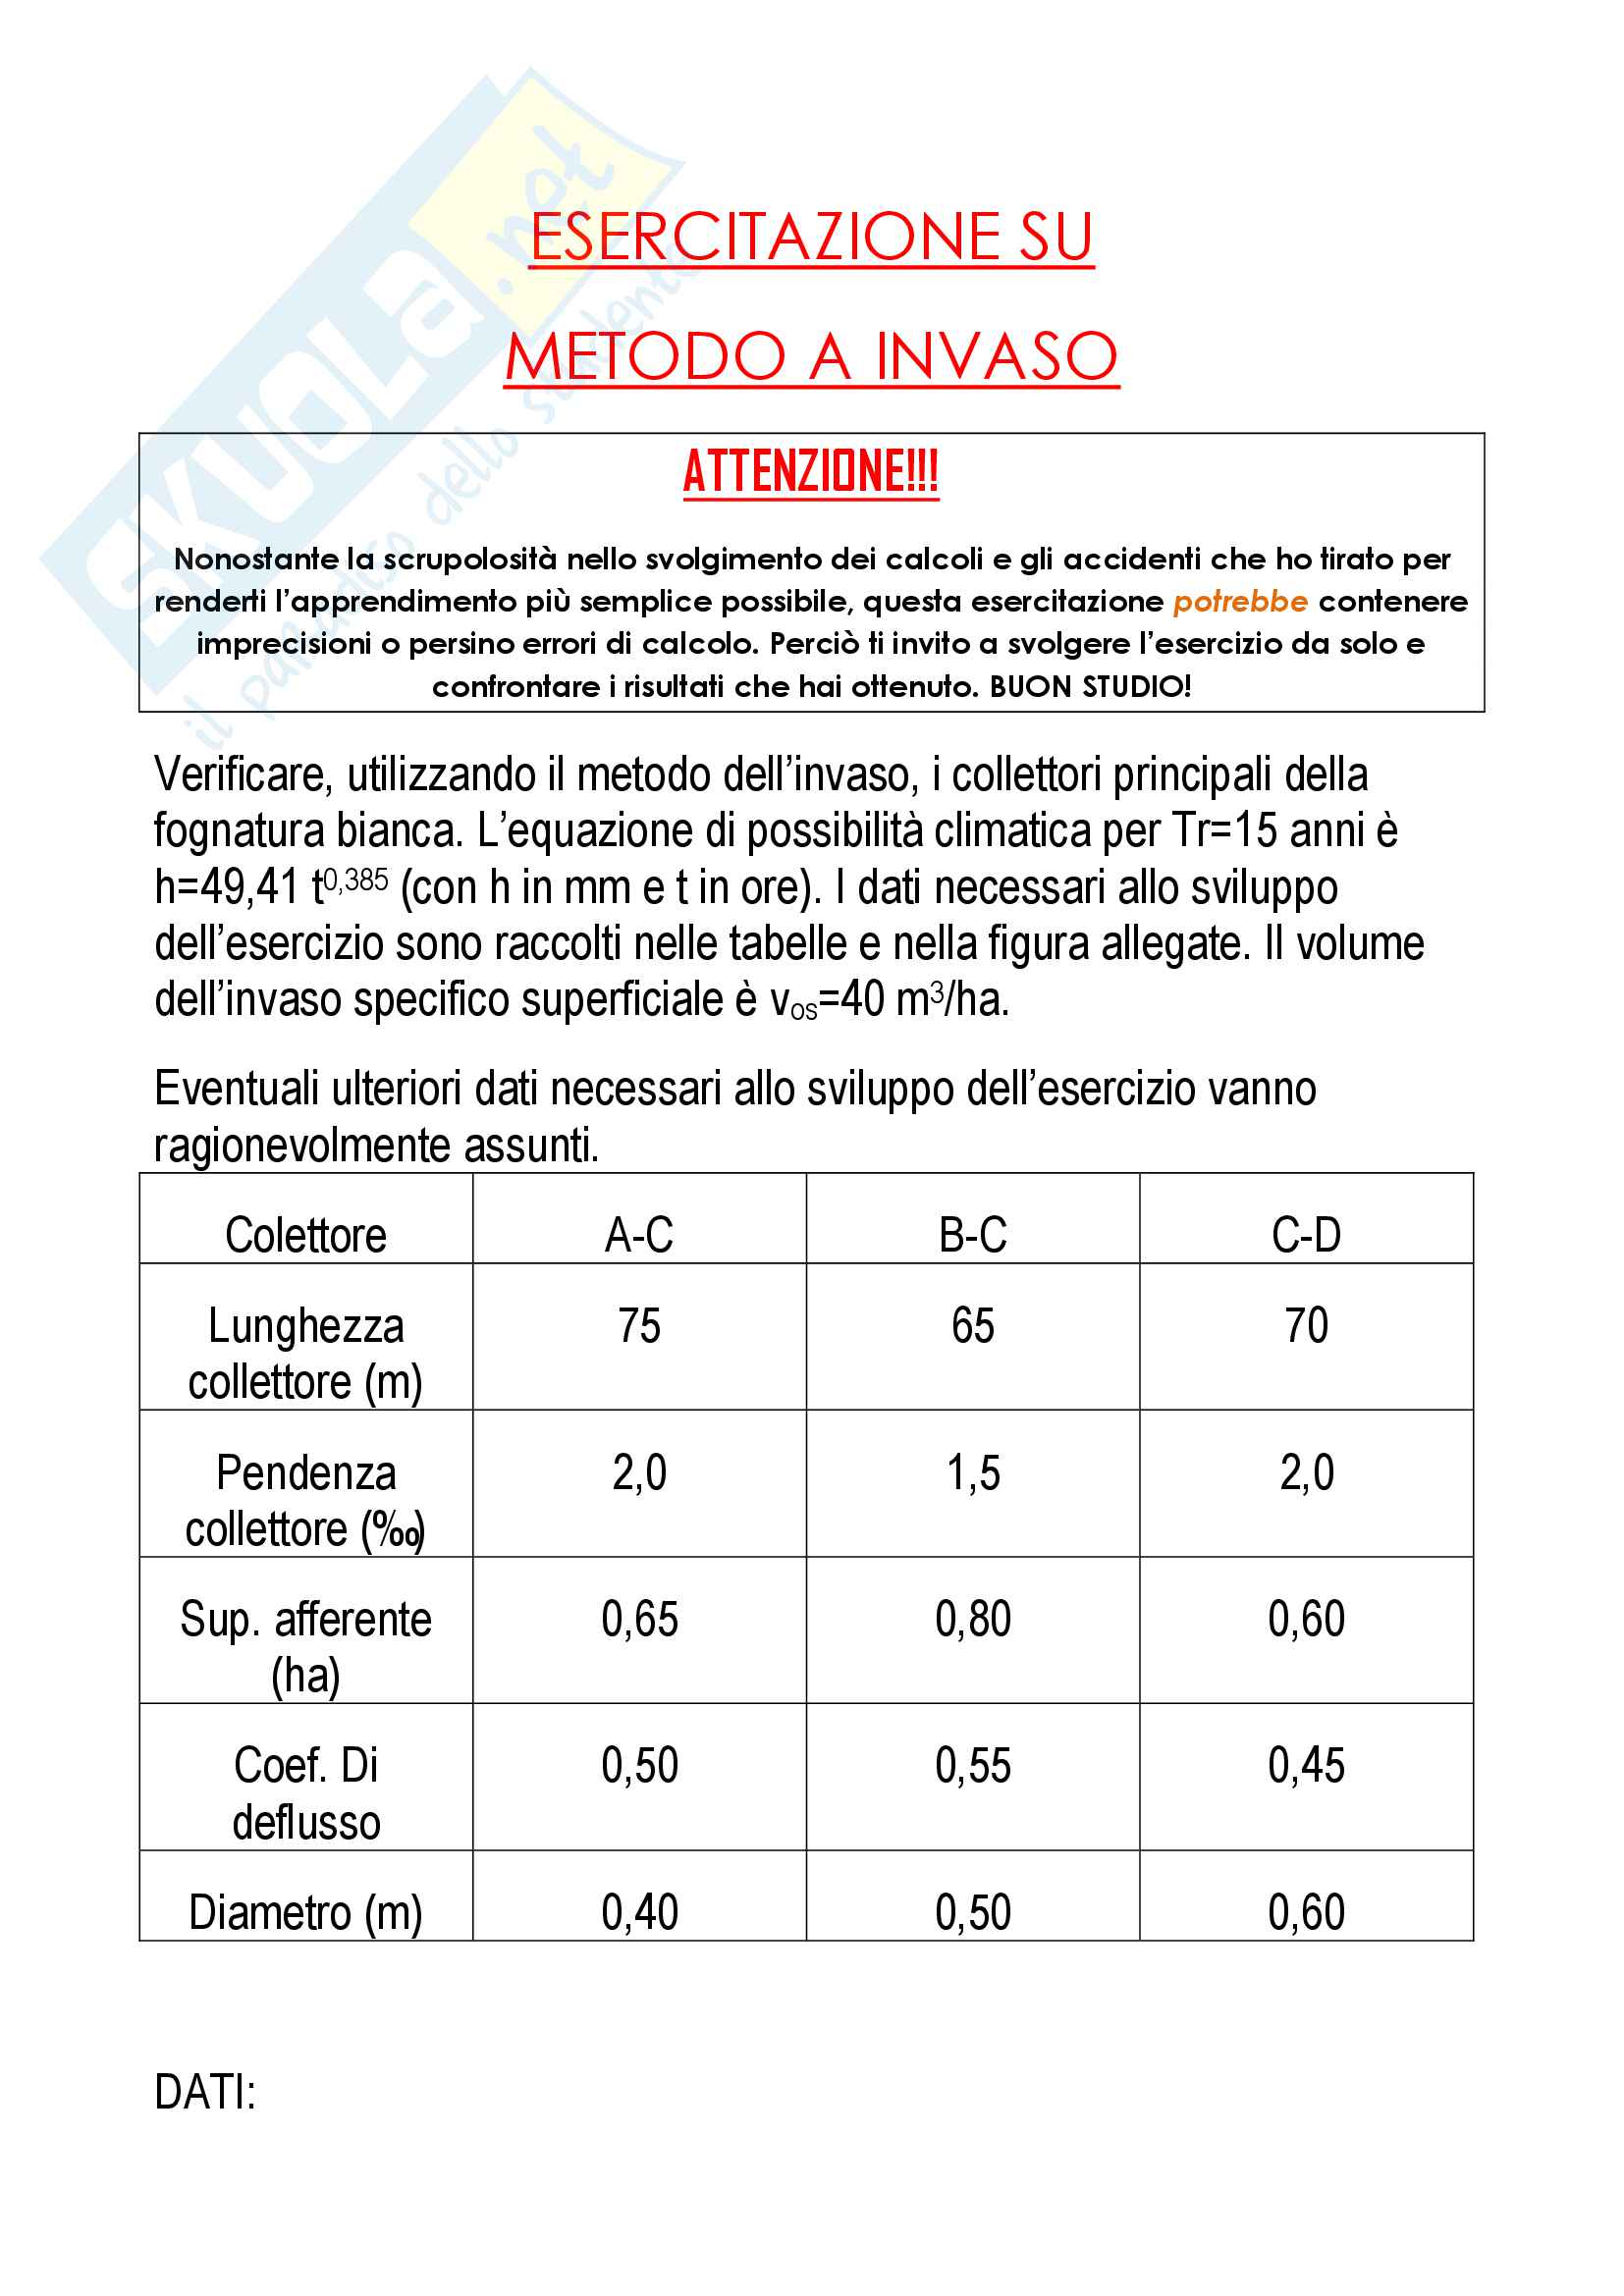 Metodo a invaso -svolgimento esercizio tipo completo-